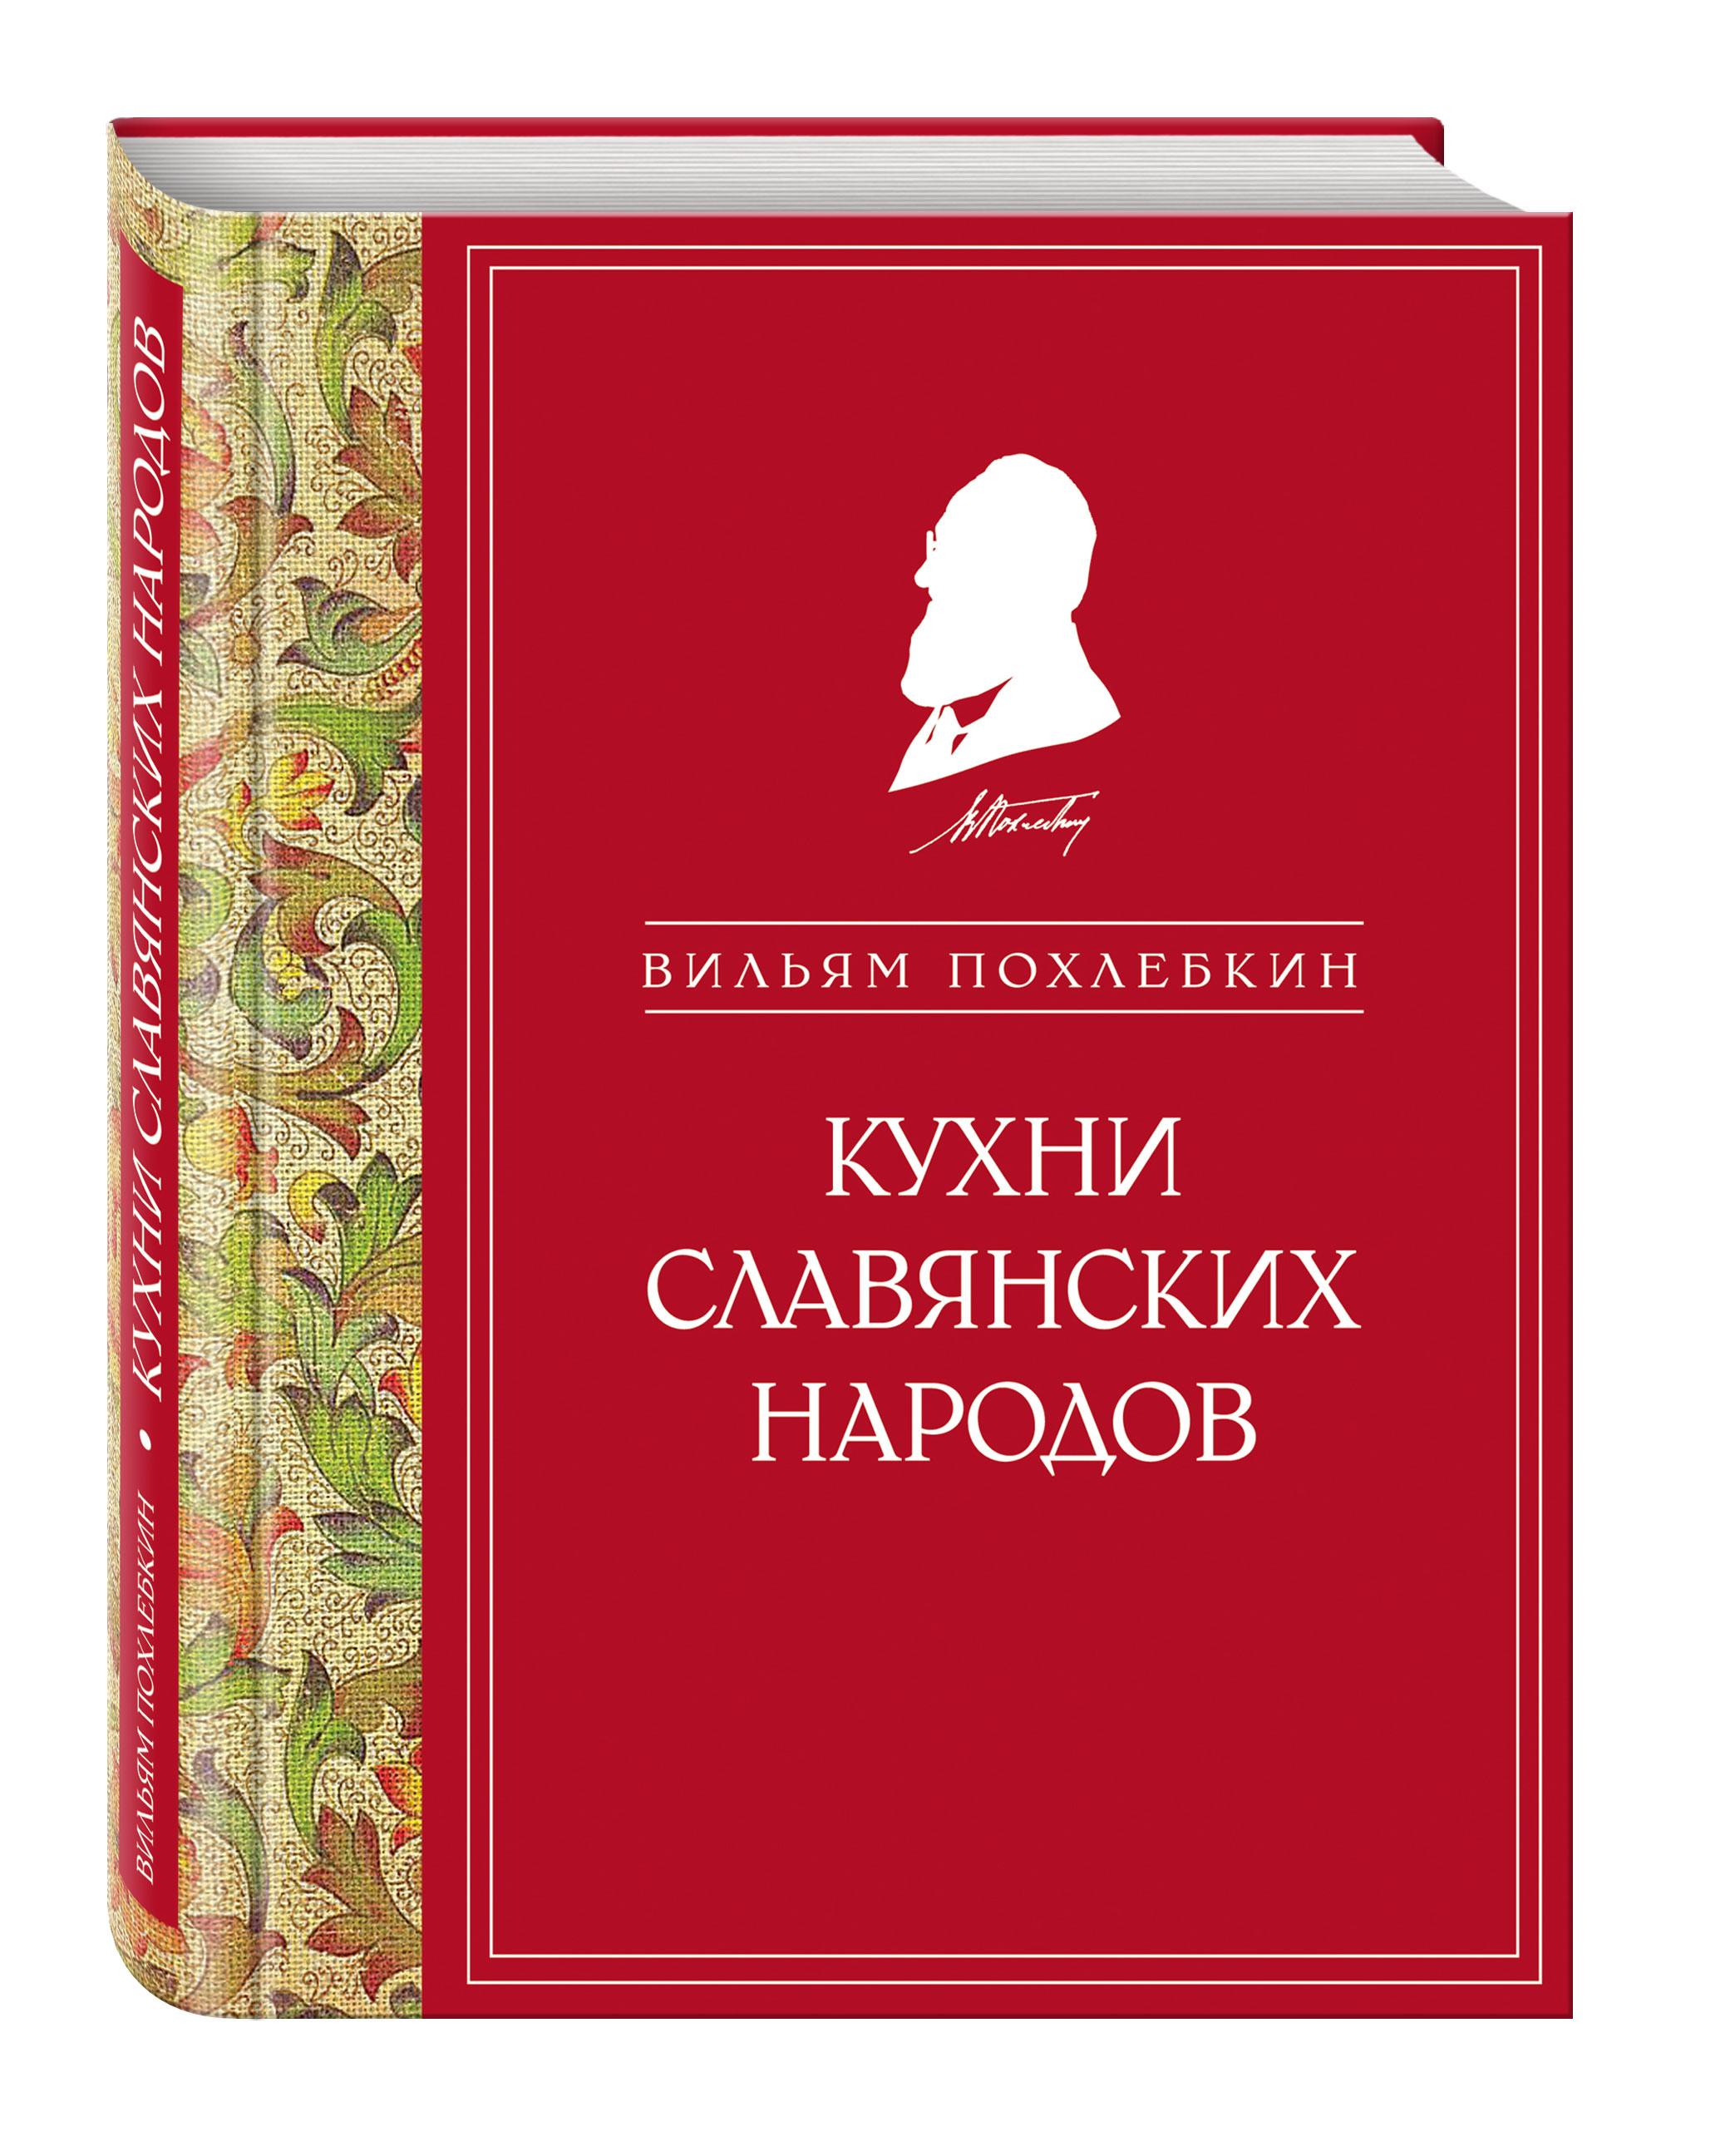 Кухни славянских народов (ч/б)